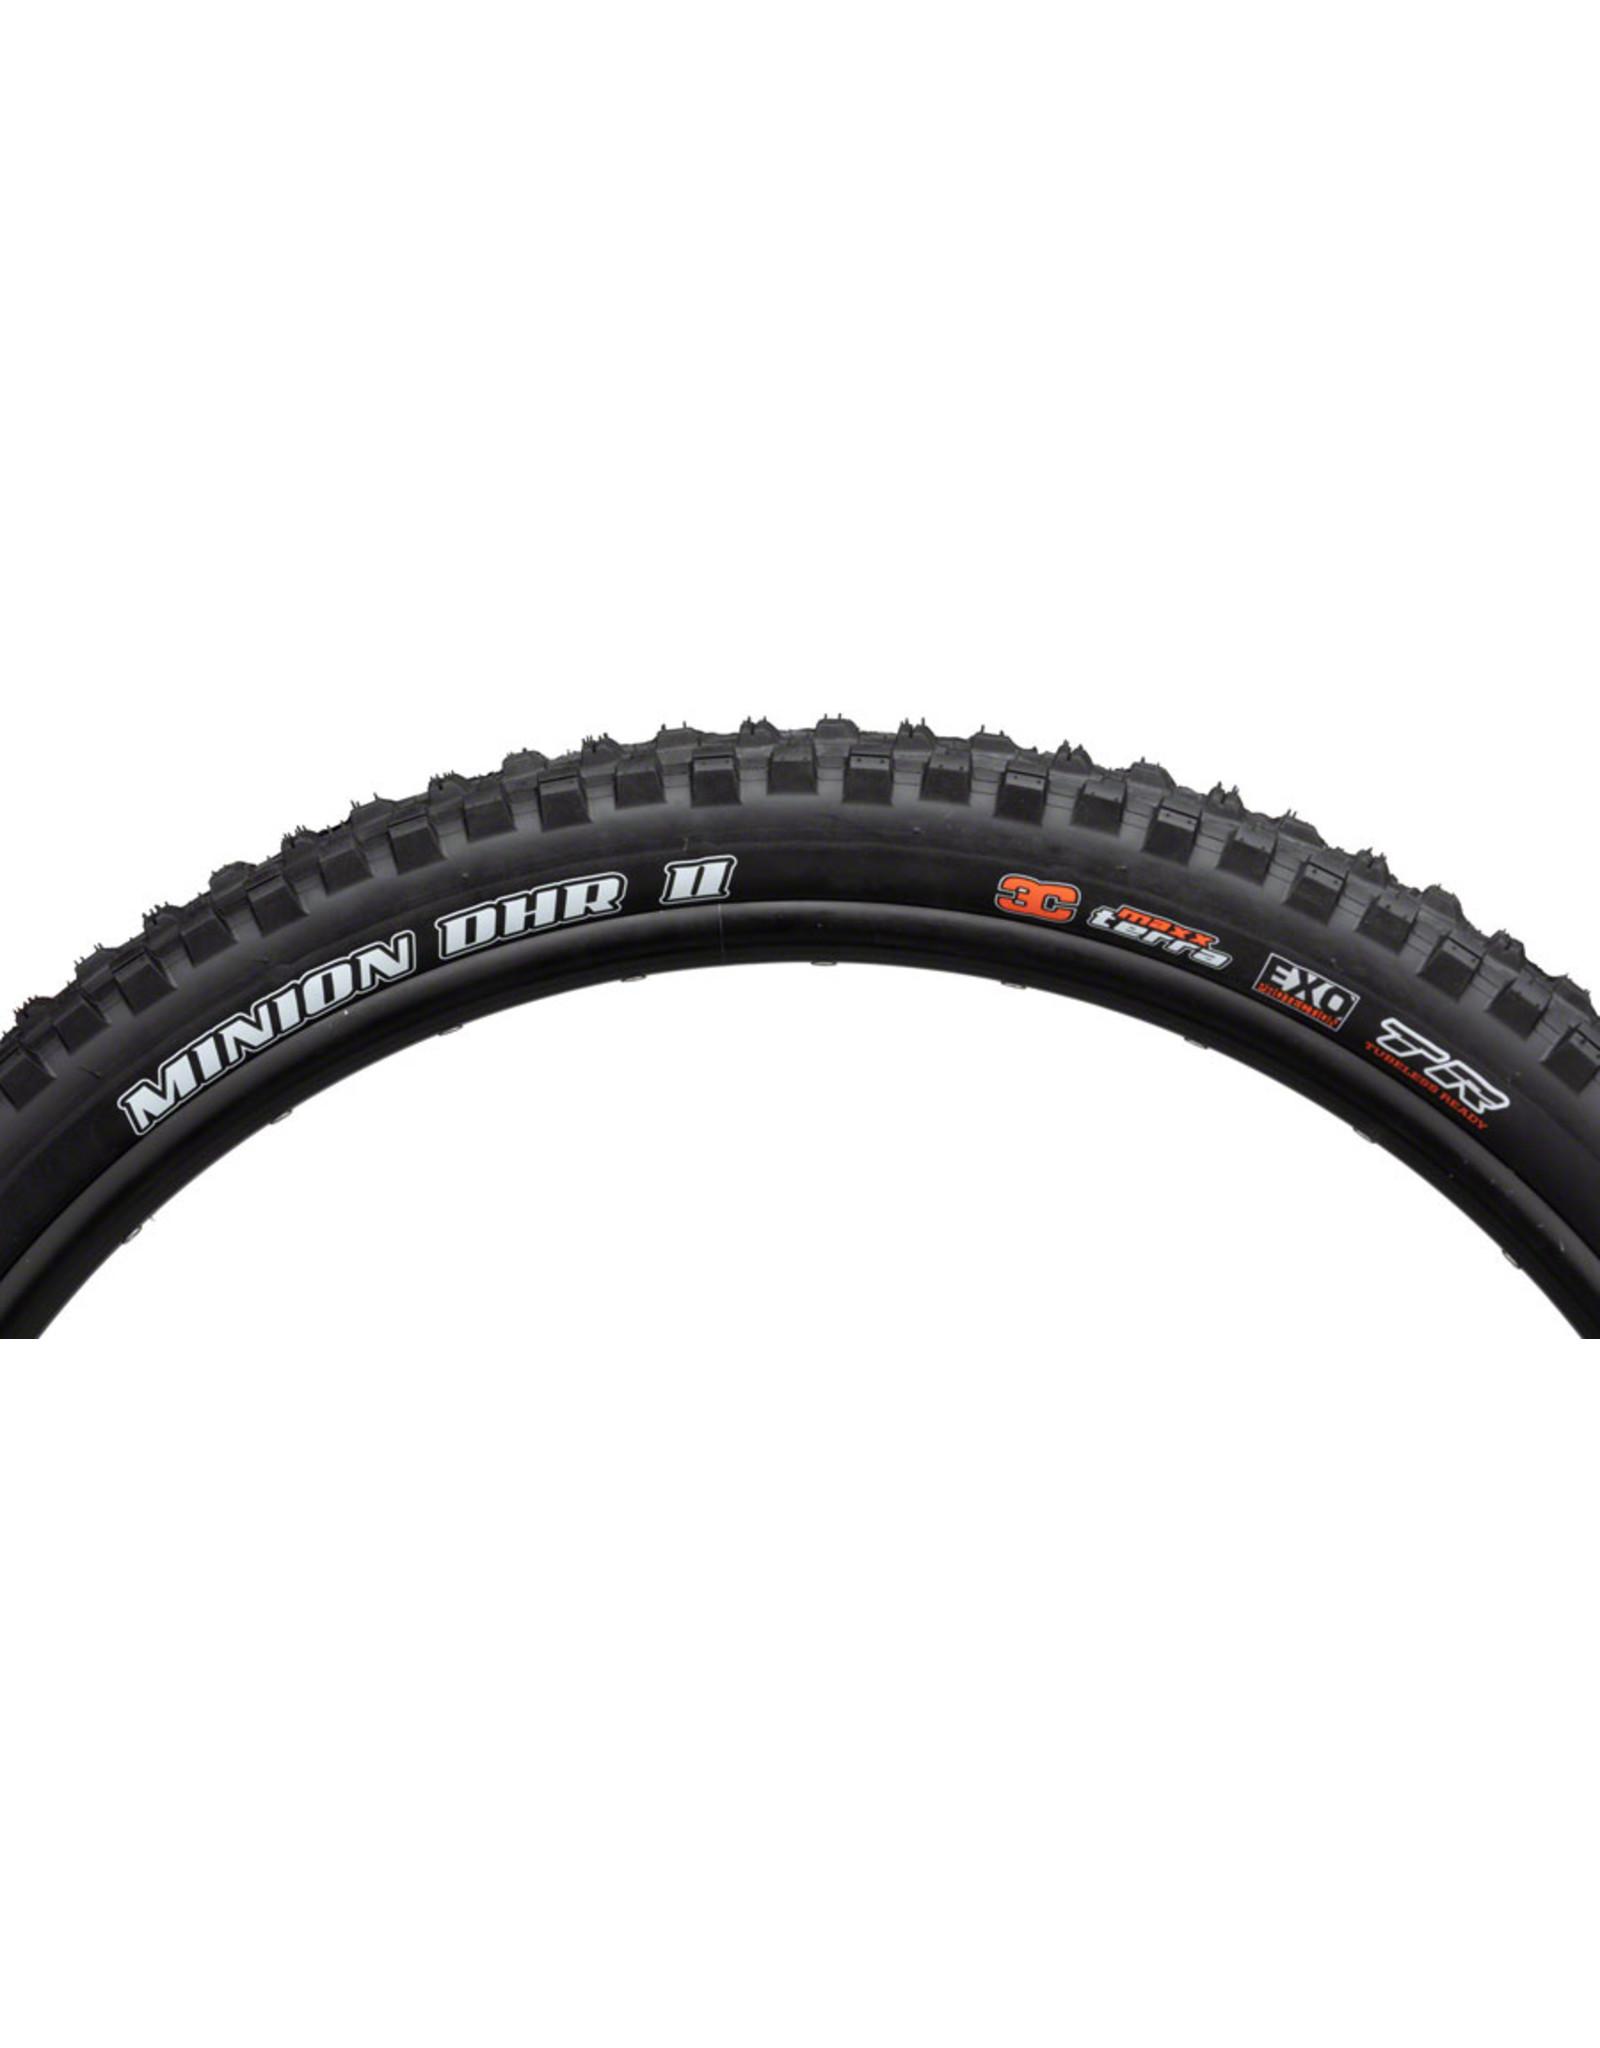 Maxxis Maxxis Minion DHR II Tire - 27.5 x 2.4, Folding, Tubeless, Black, 3C Maxx Terra, EXO, Wide Trail